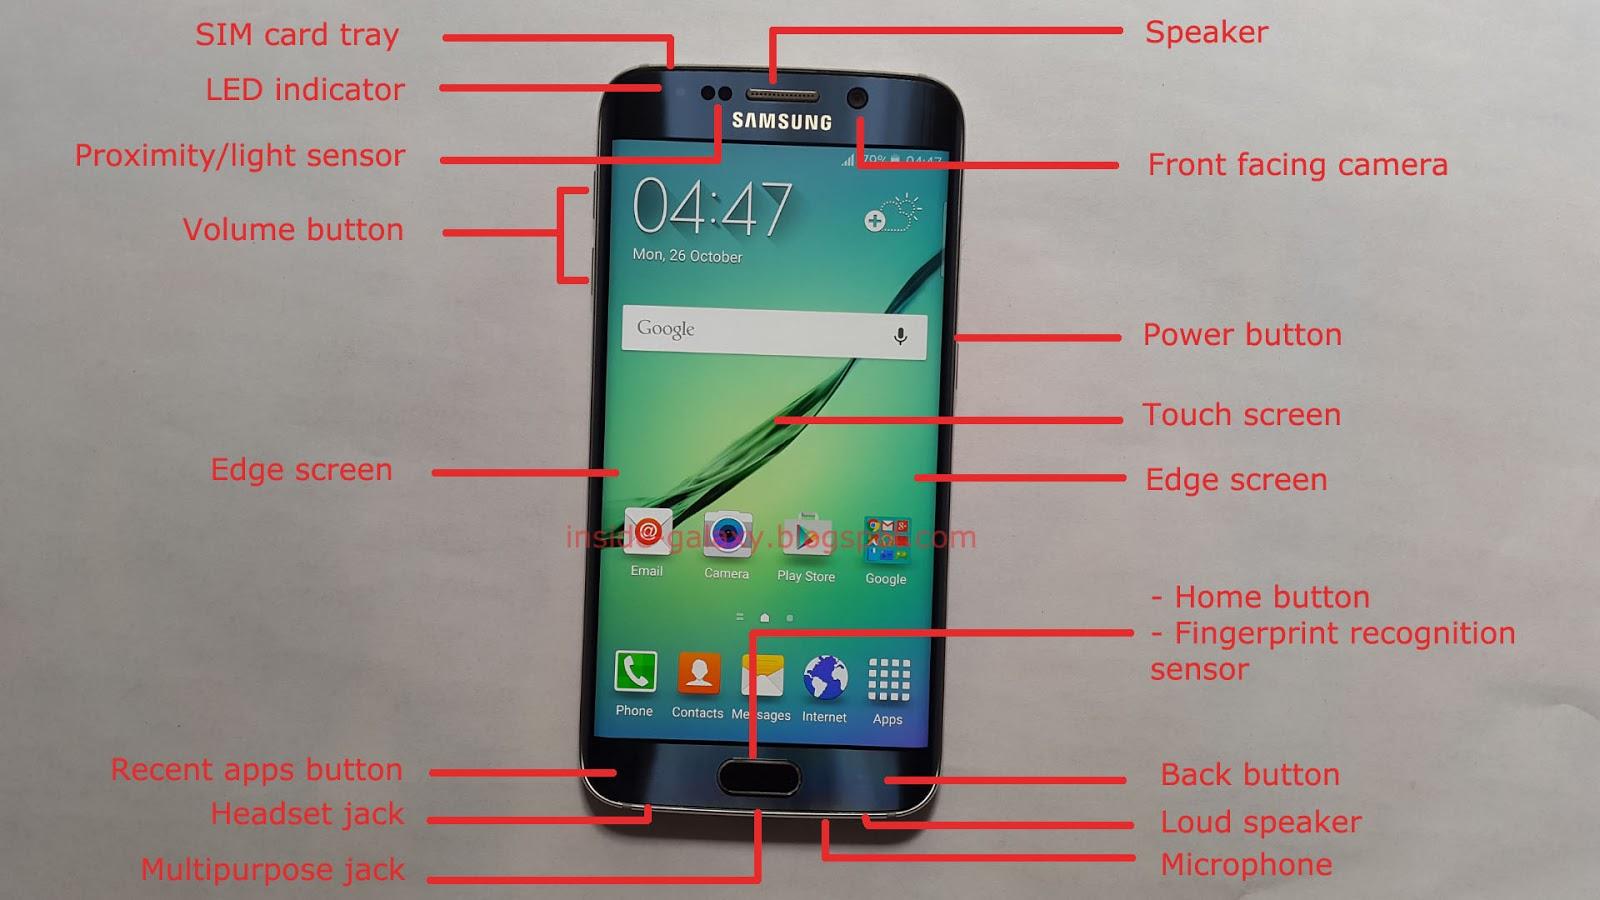 Samsung galaxy s6 edge apps im hintergrund